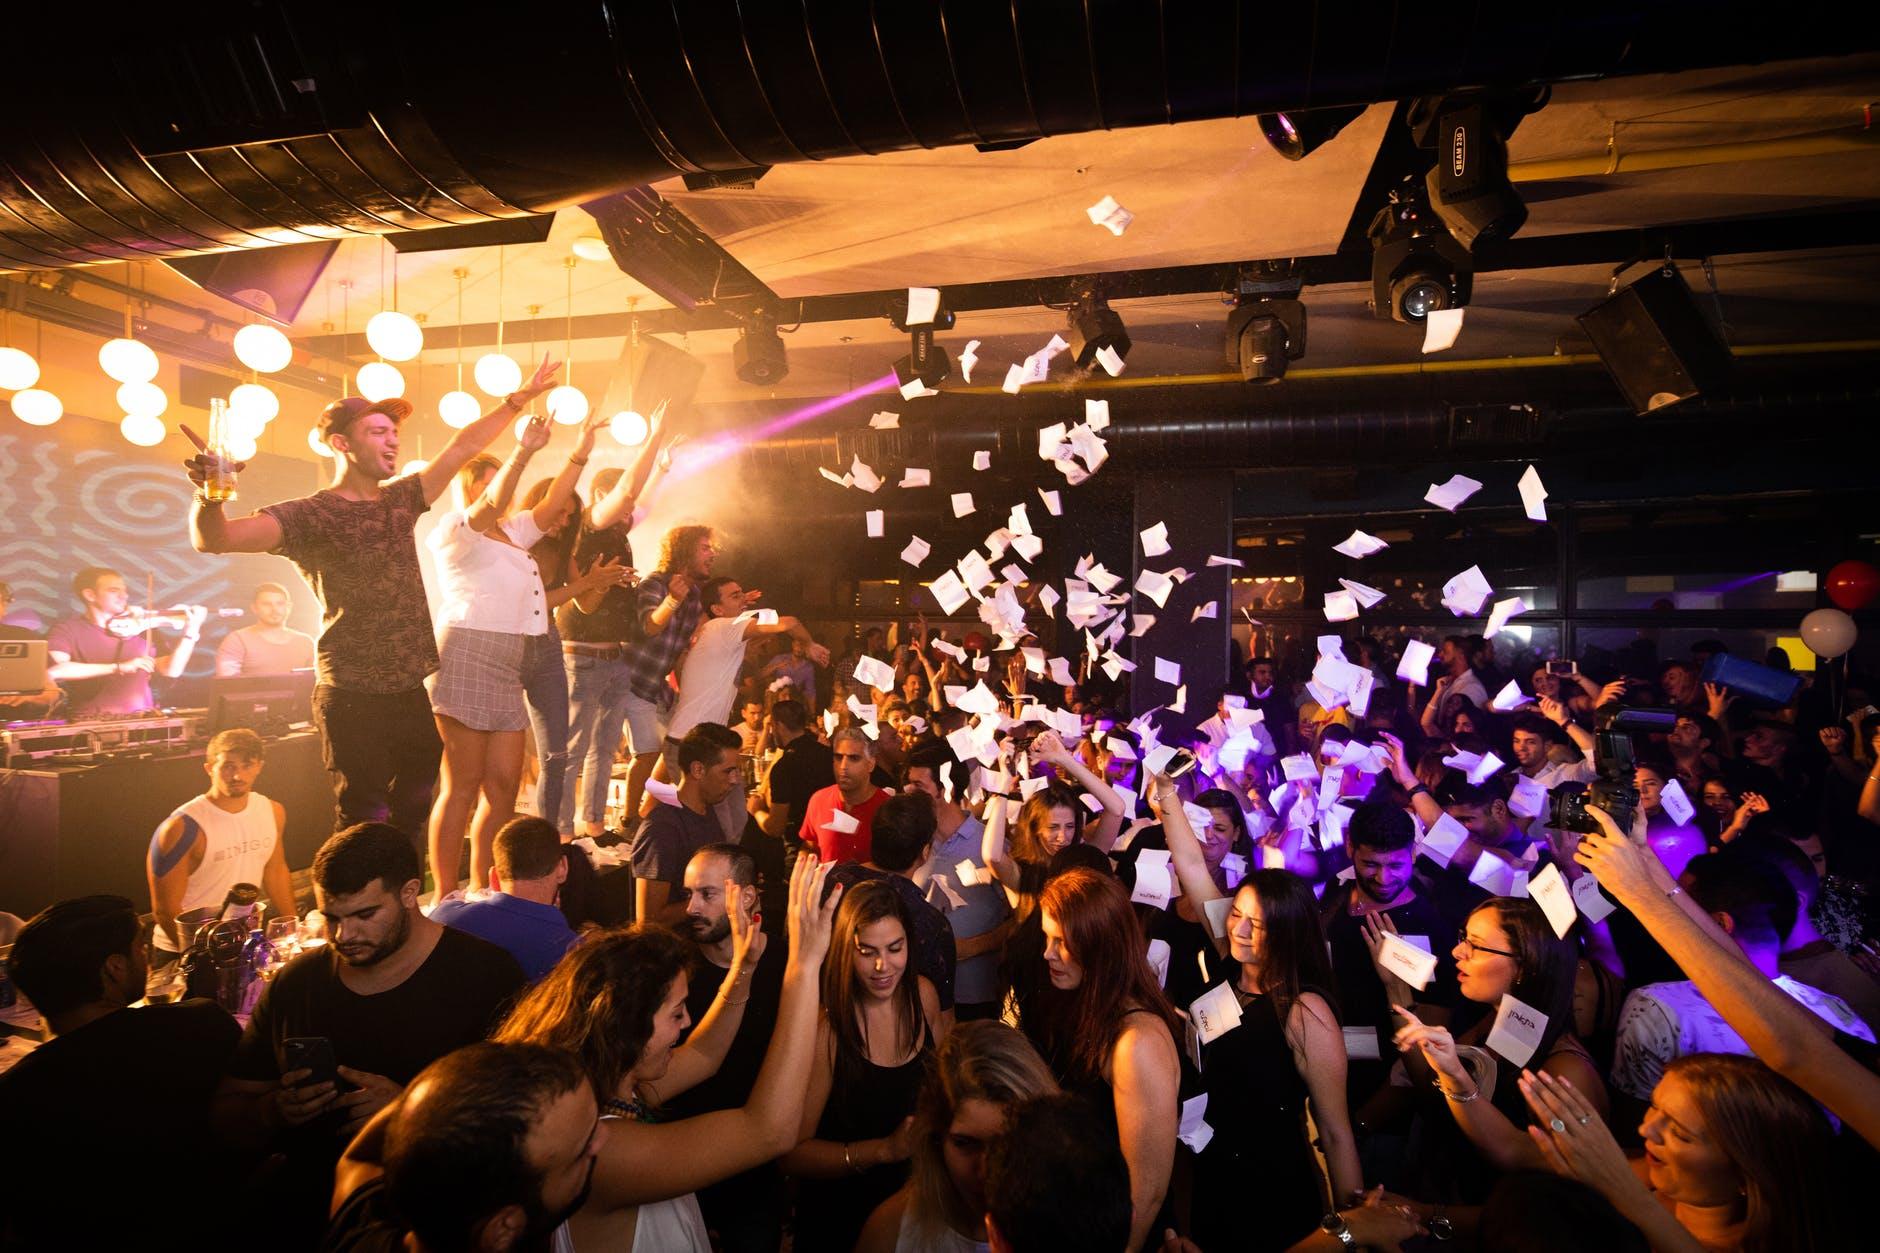 salas y clubs en europa-recomendaciones